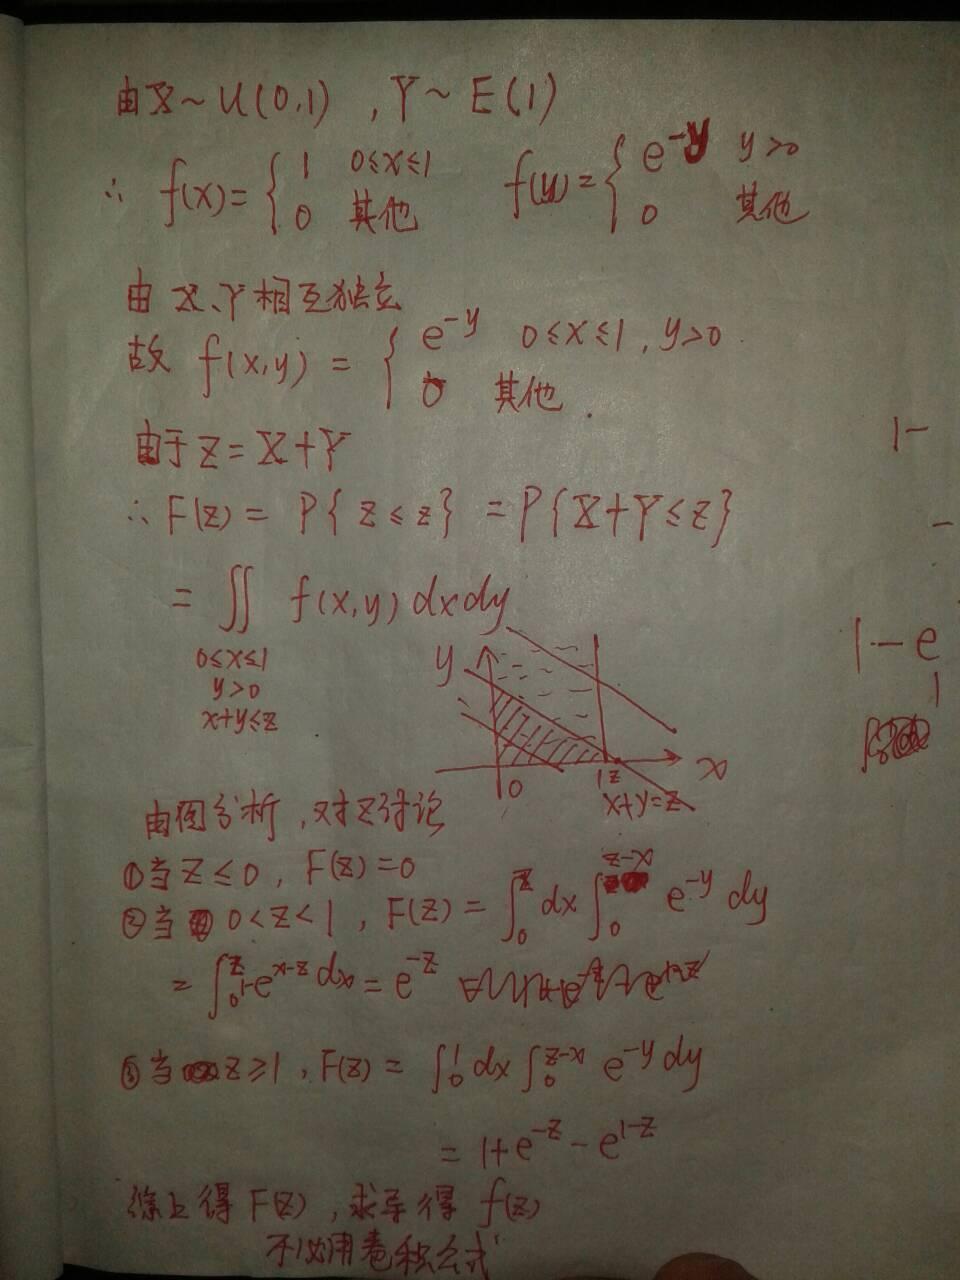 卷积积分例题